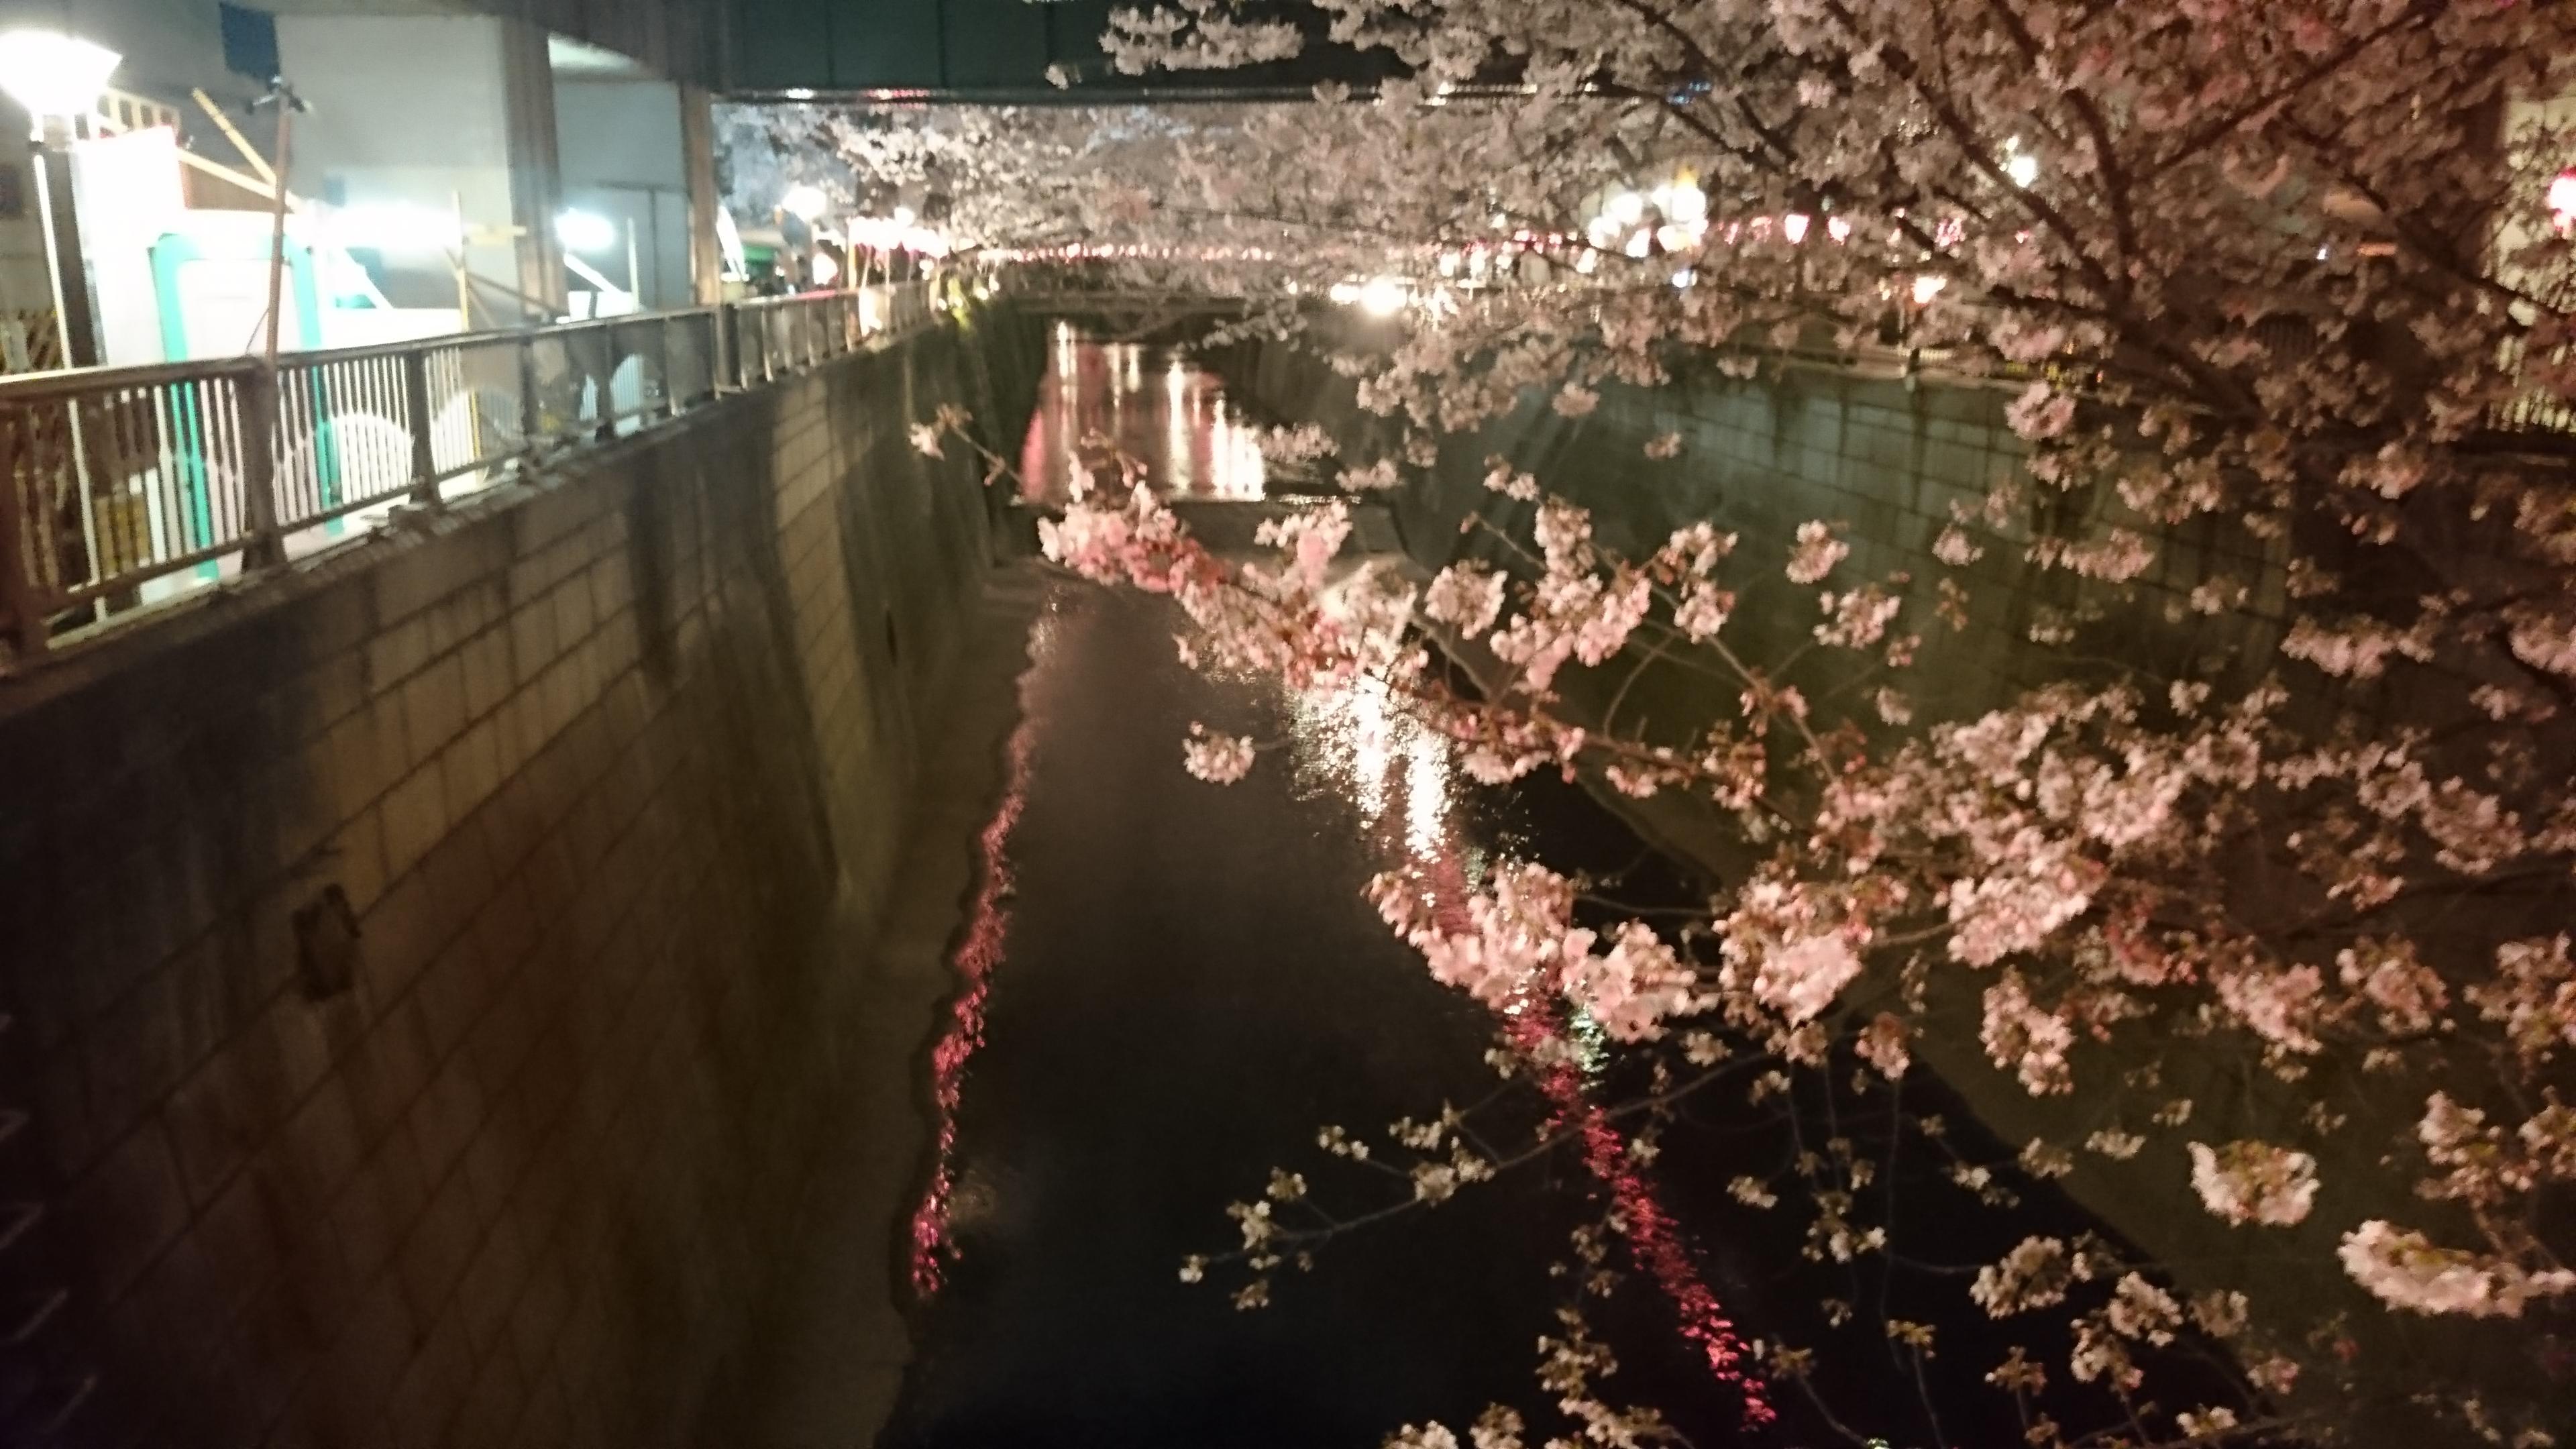 目黒川 花見 ポタリング 開花状況 3/31